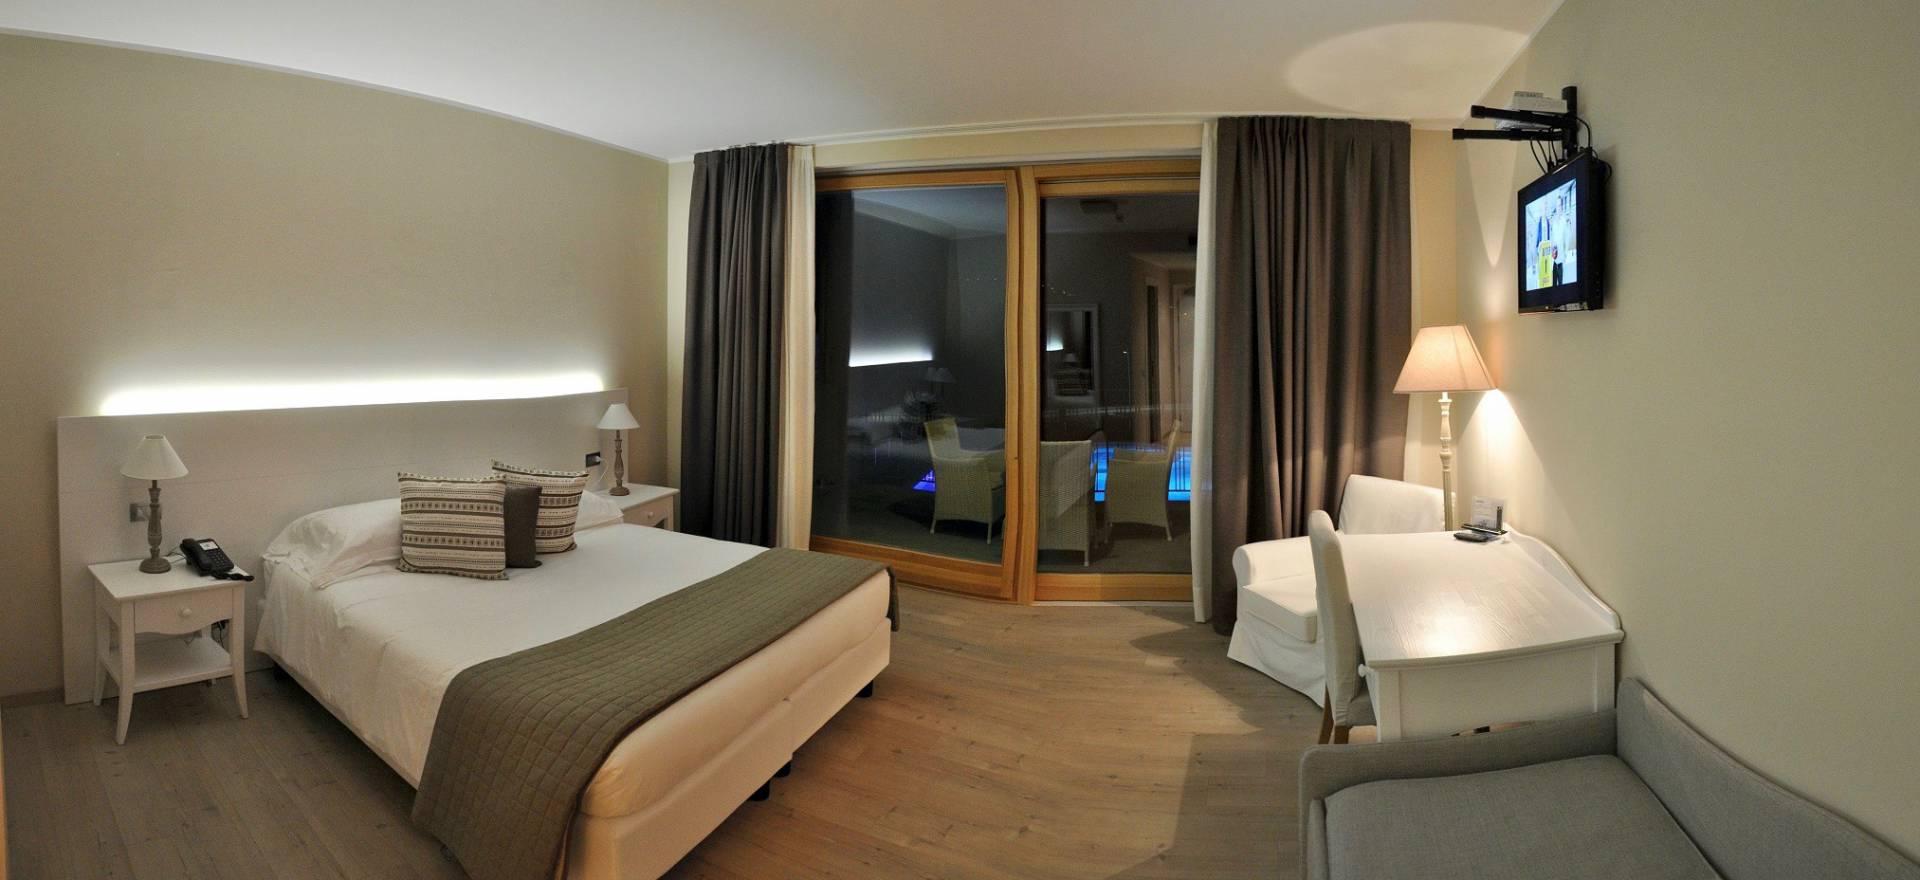 Agriturismo Comomeer en Gardameer Klein country hotel direct aan het Comomeer